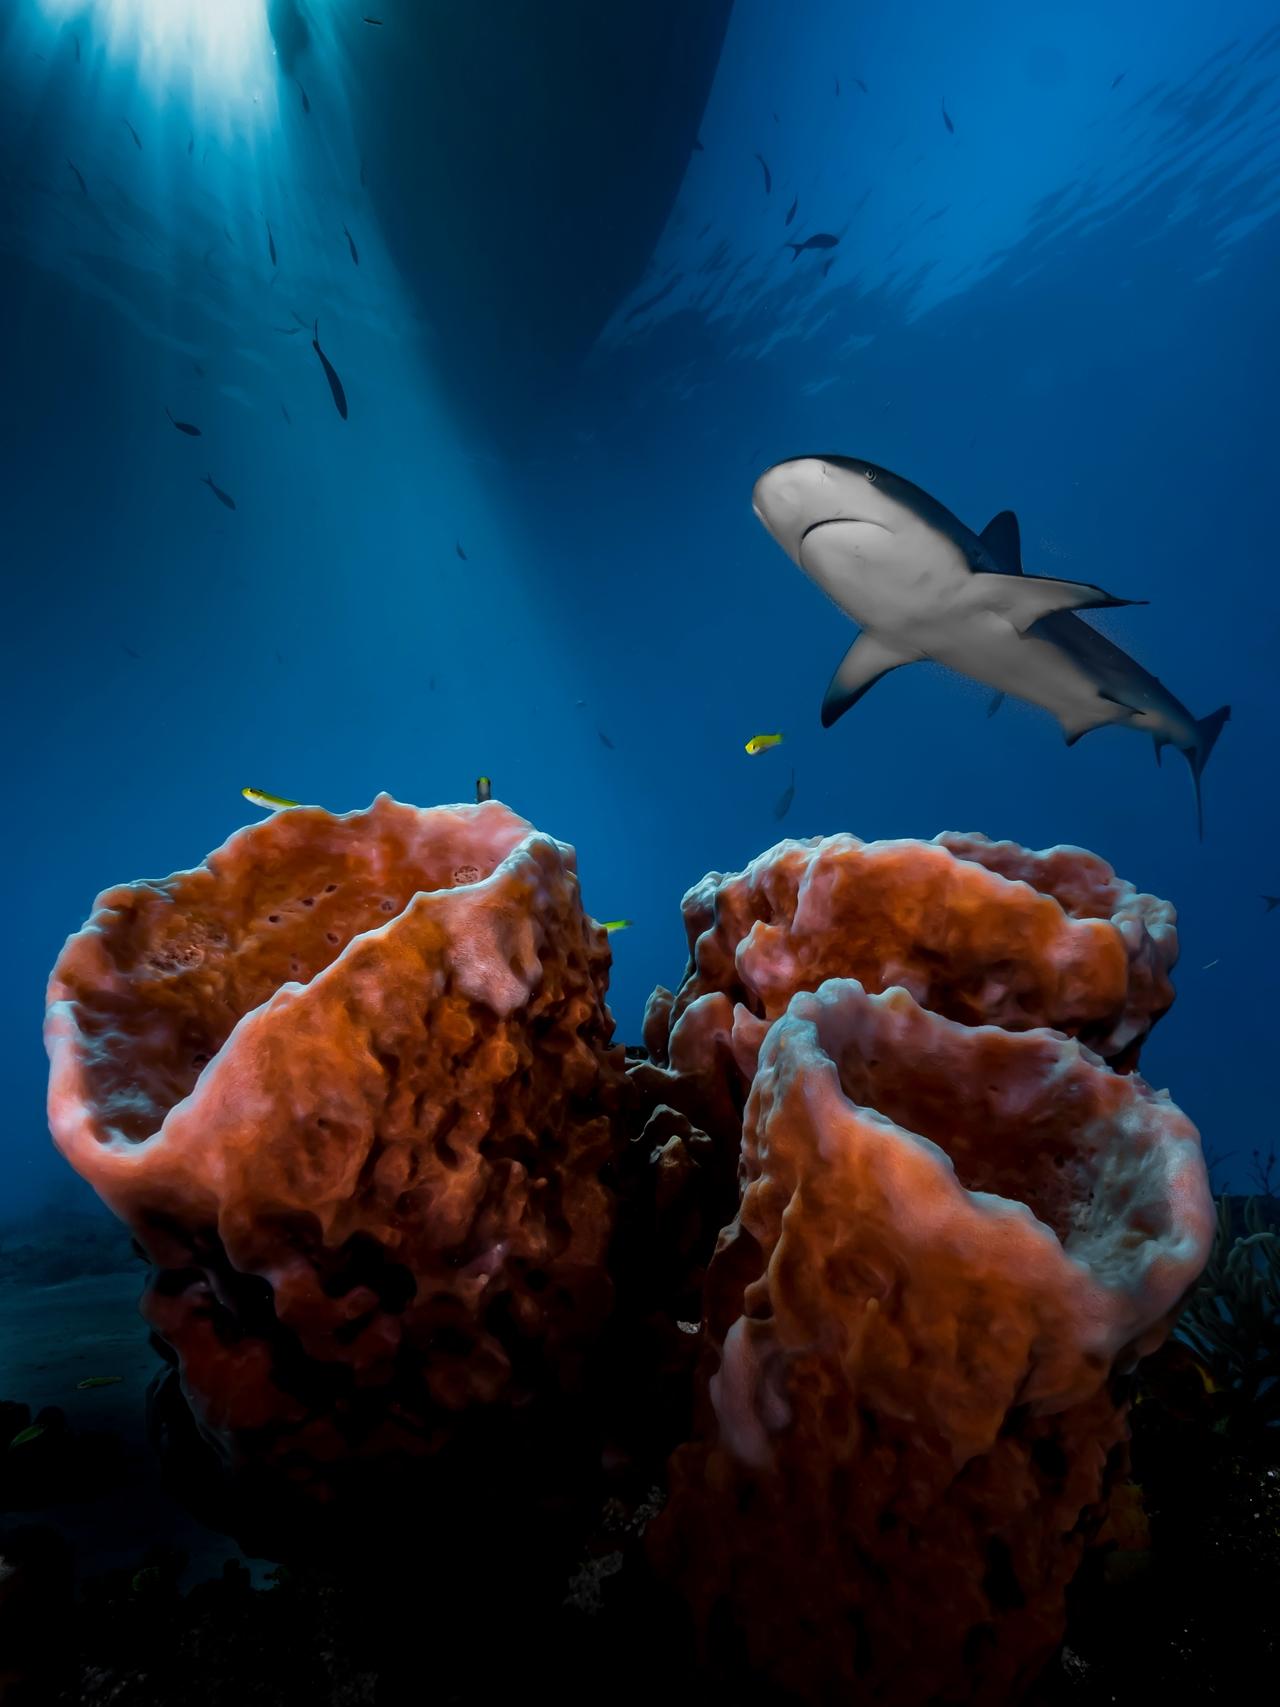 UK-Underwater-Photographer-of-the-Year-2016-Winners-03